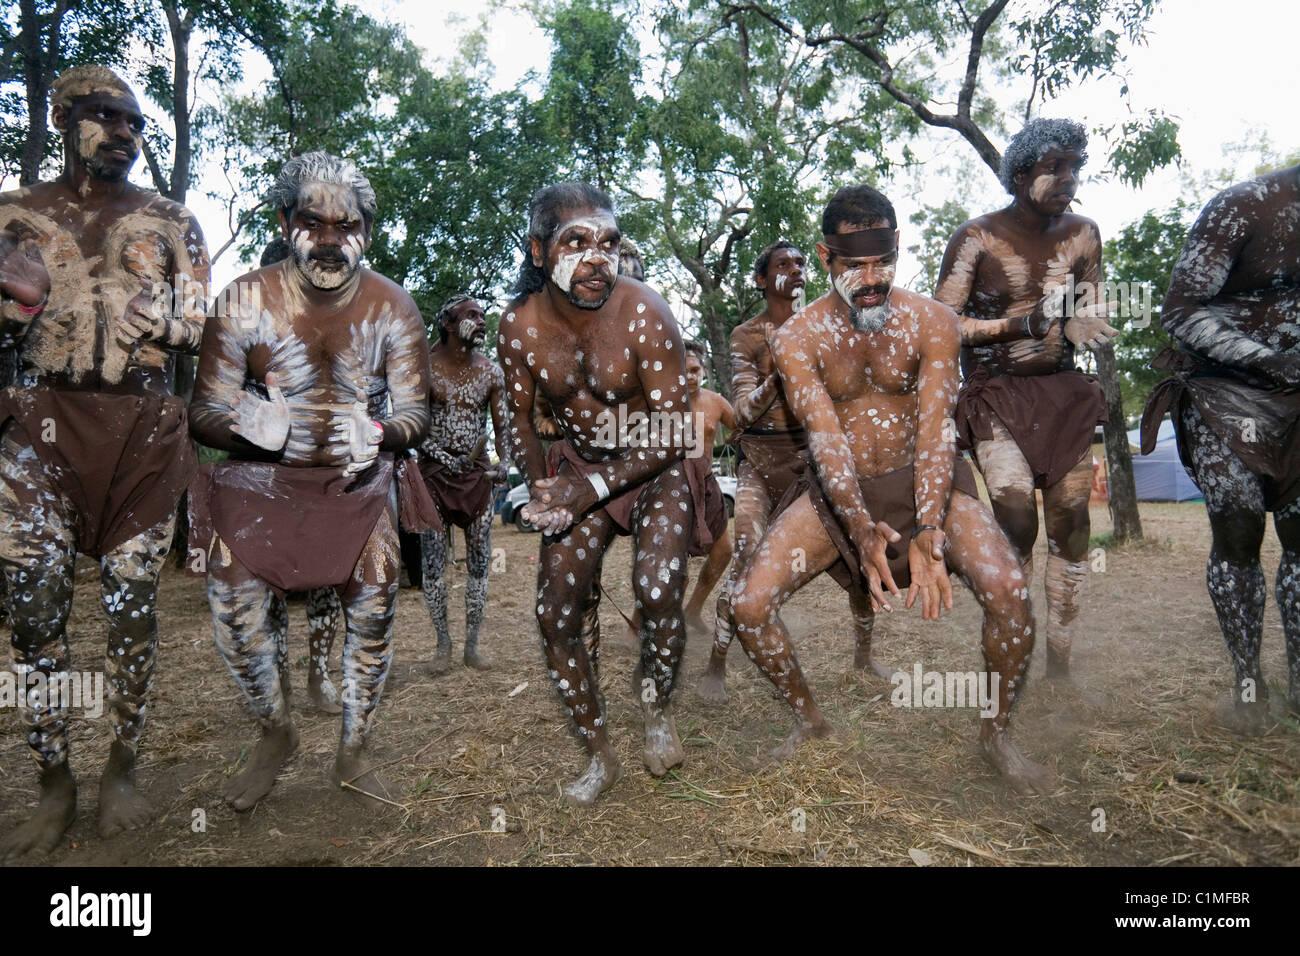 Indigenous dance. Laura, Queensland, Australia - Stock Image